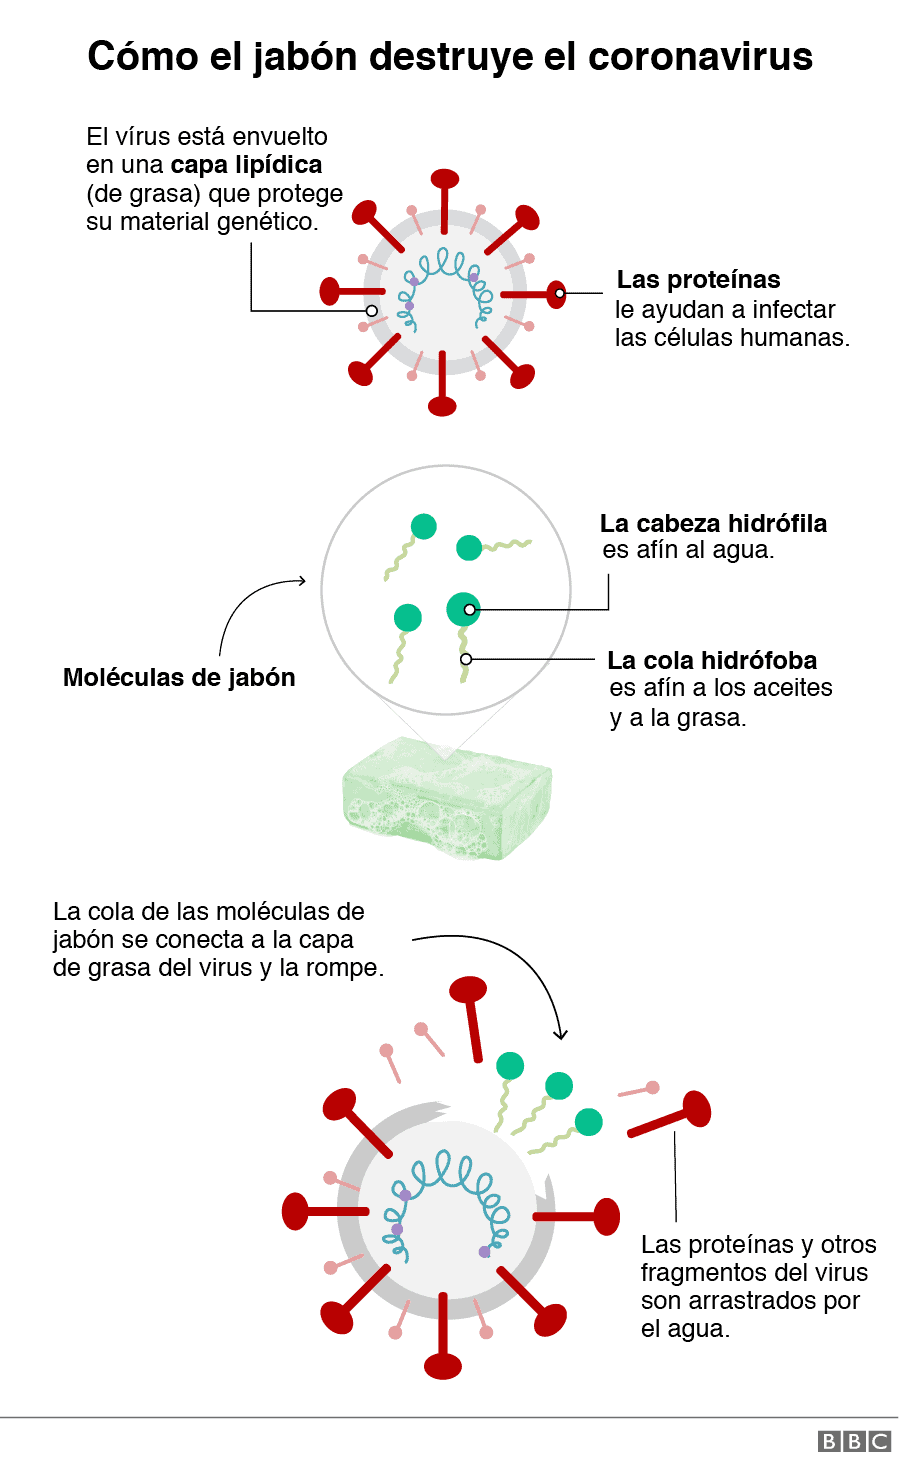 jabon para protegerse contra el coronavirus